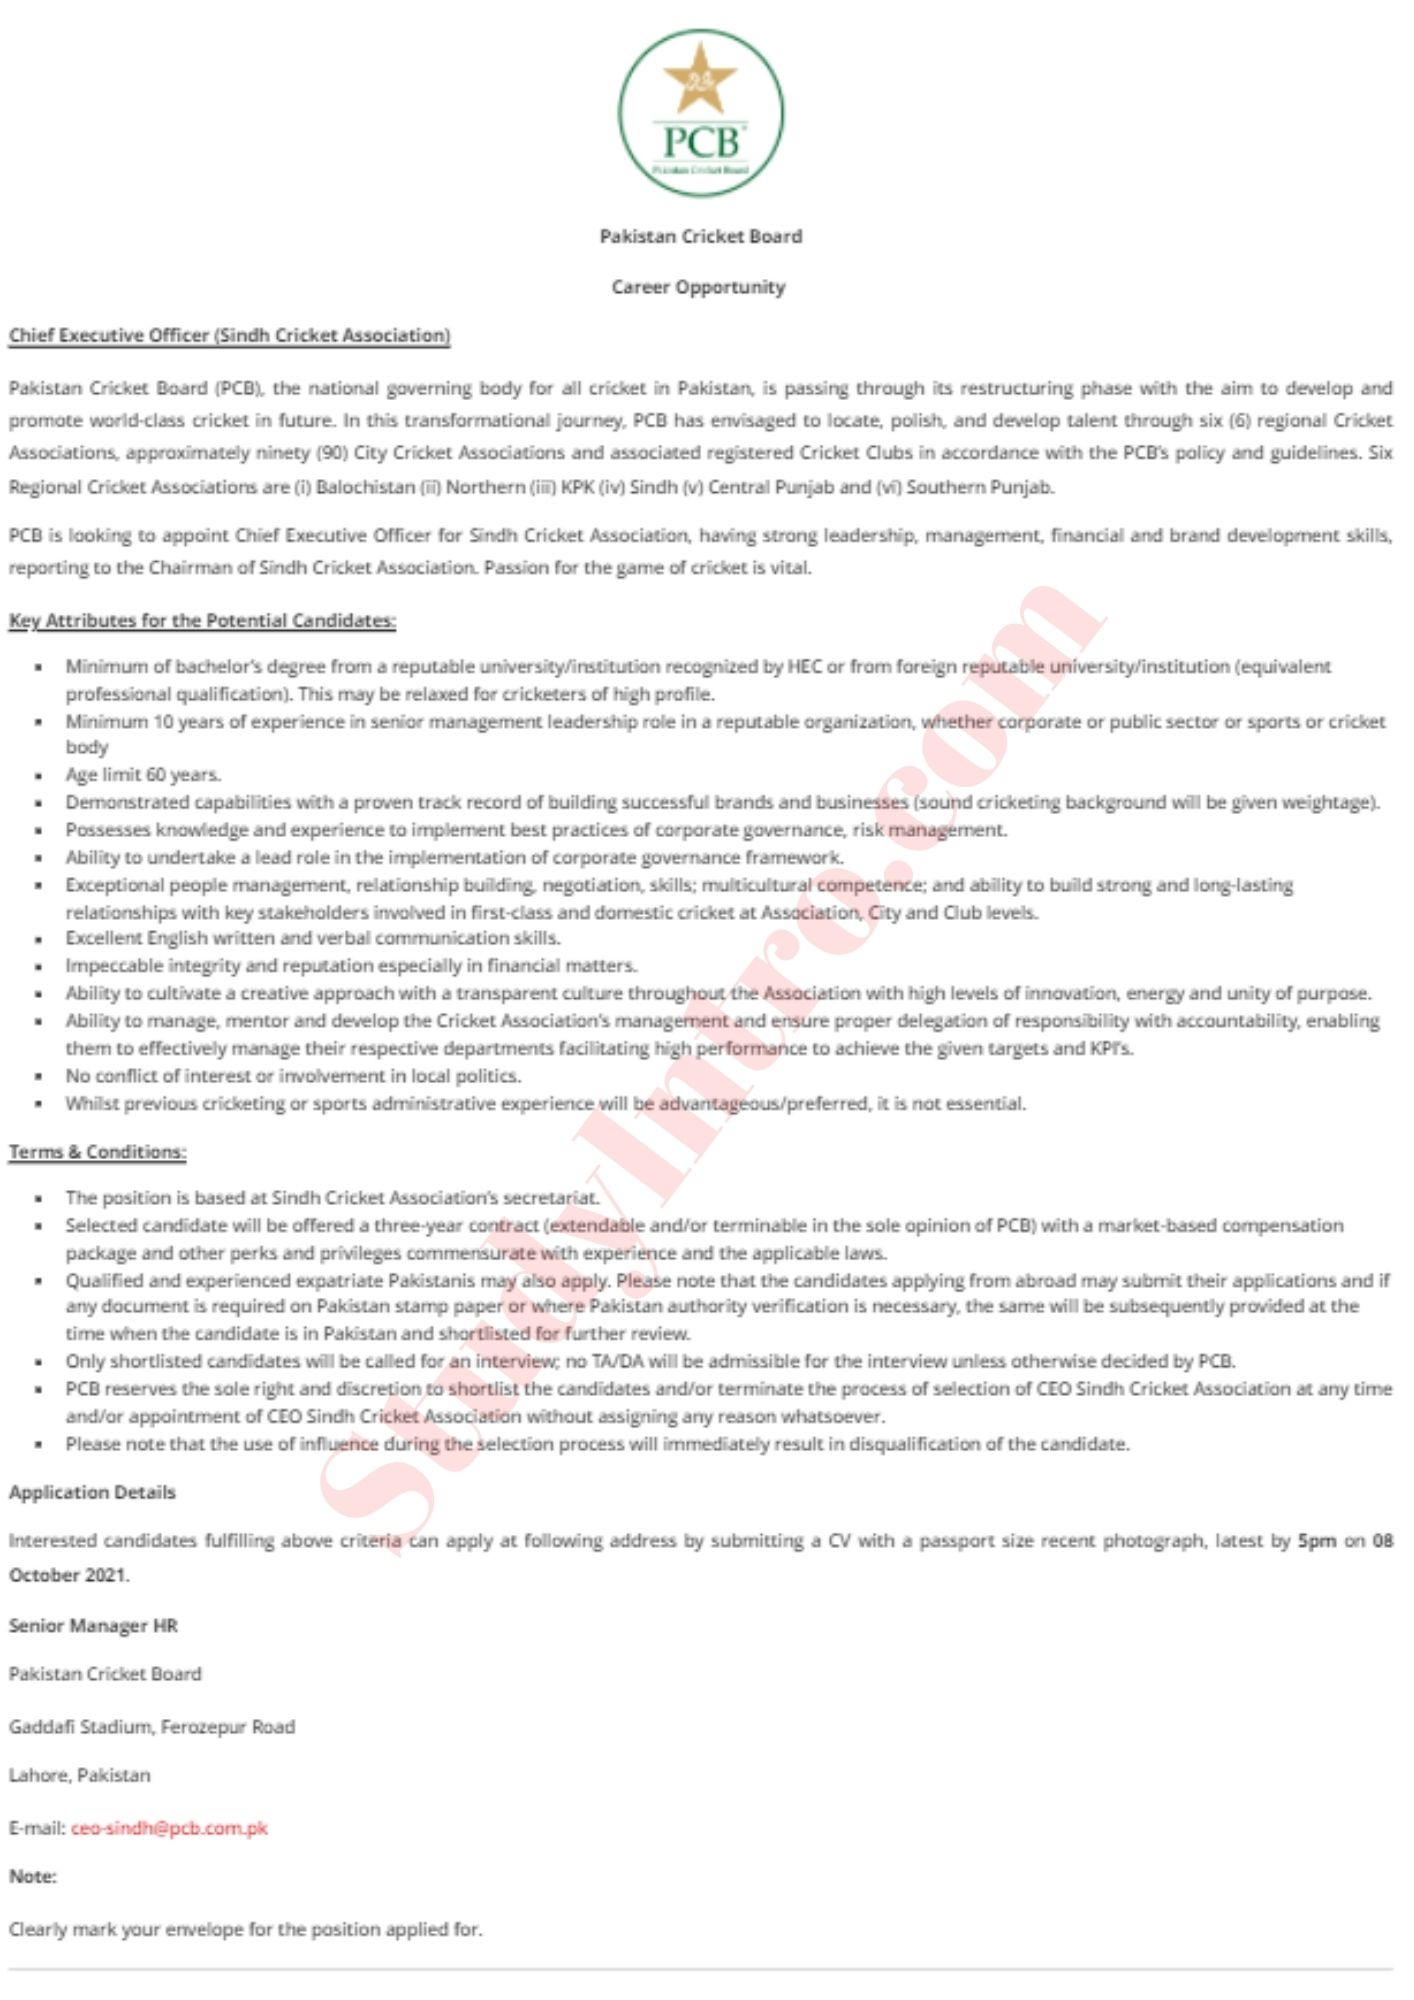 Career Opportunity in Pakistan Cricket Board 2021